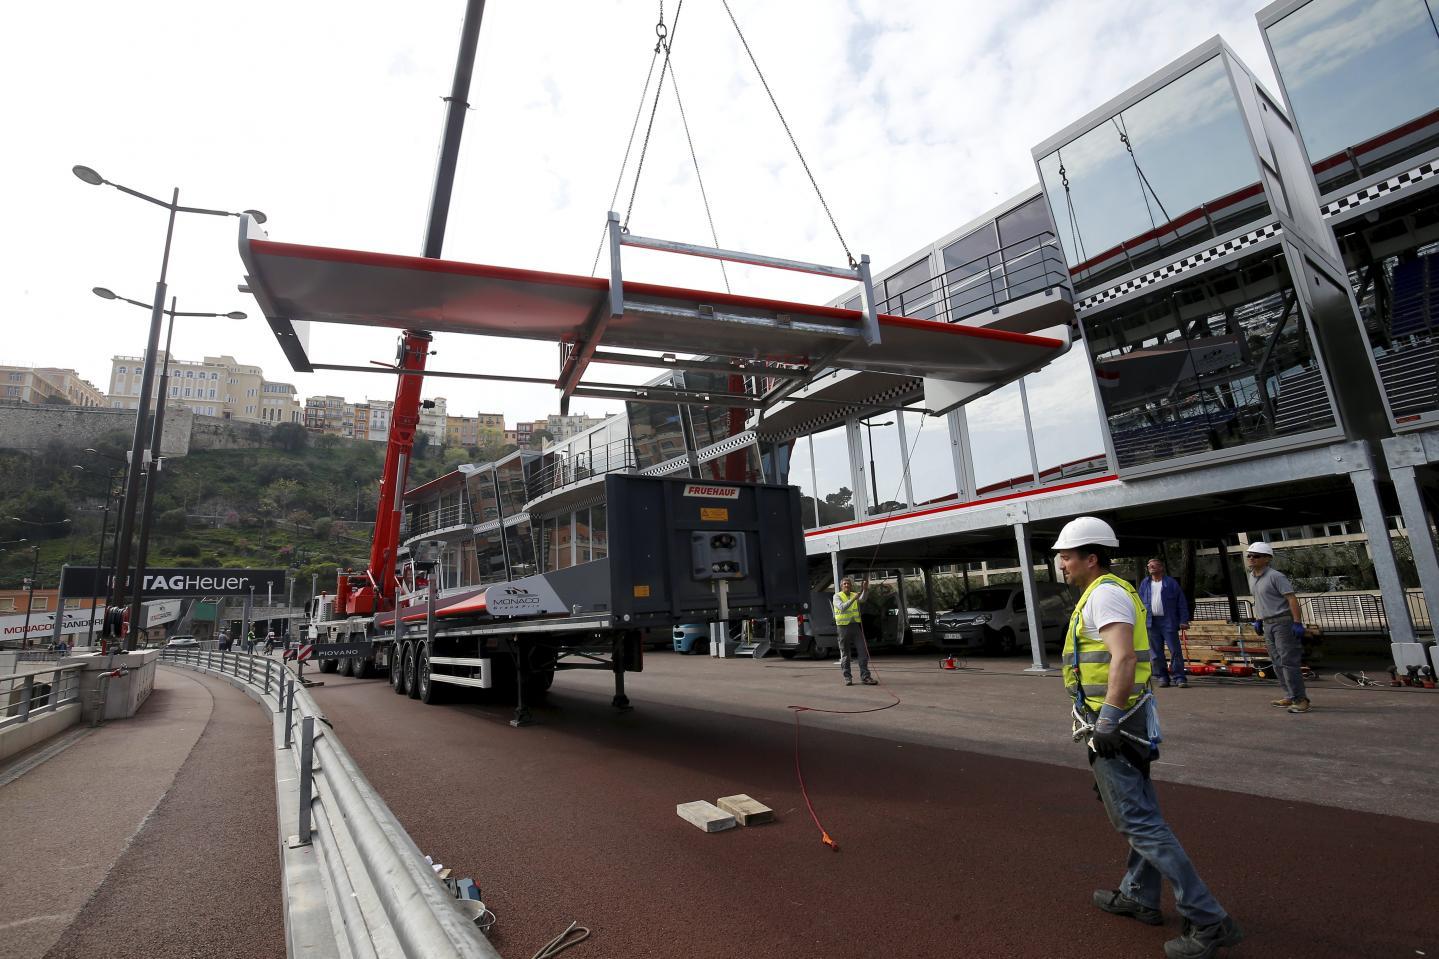 Des ailerons rouges sont installés au dessus des stands.